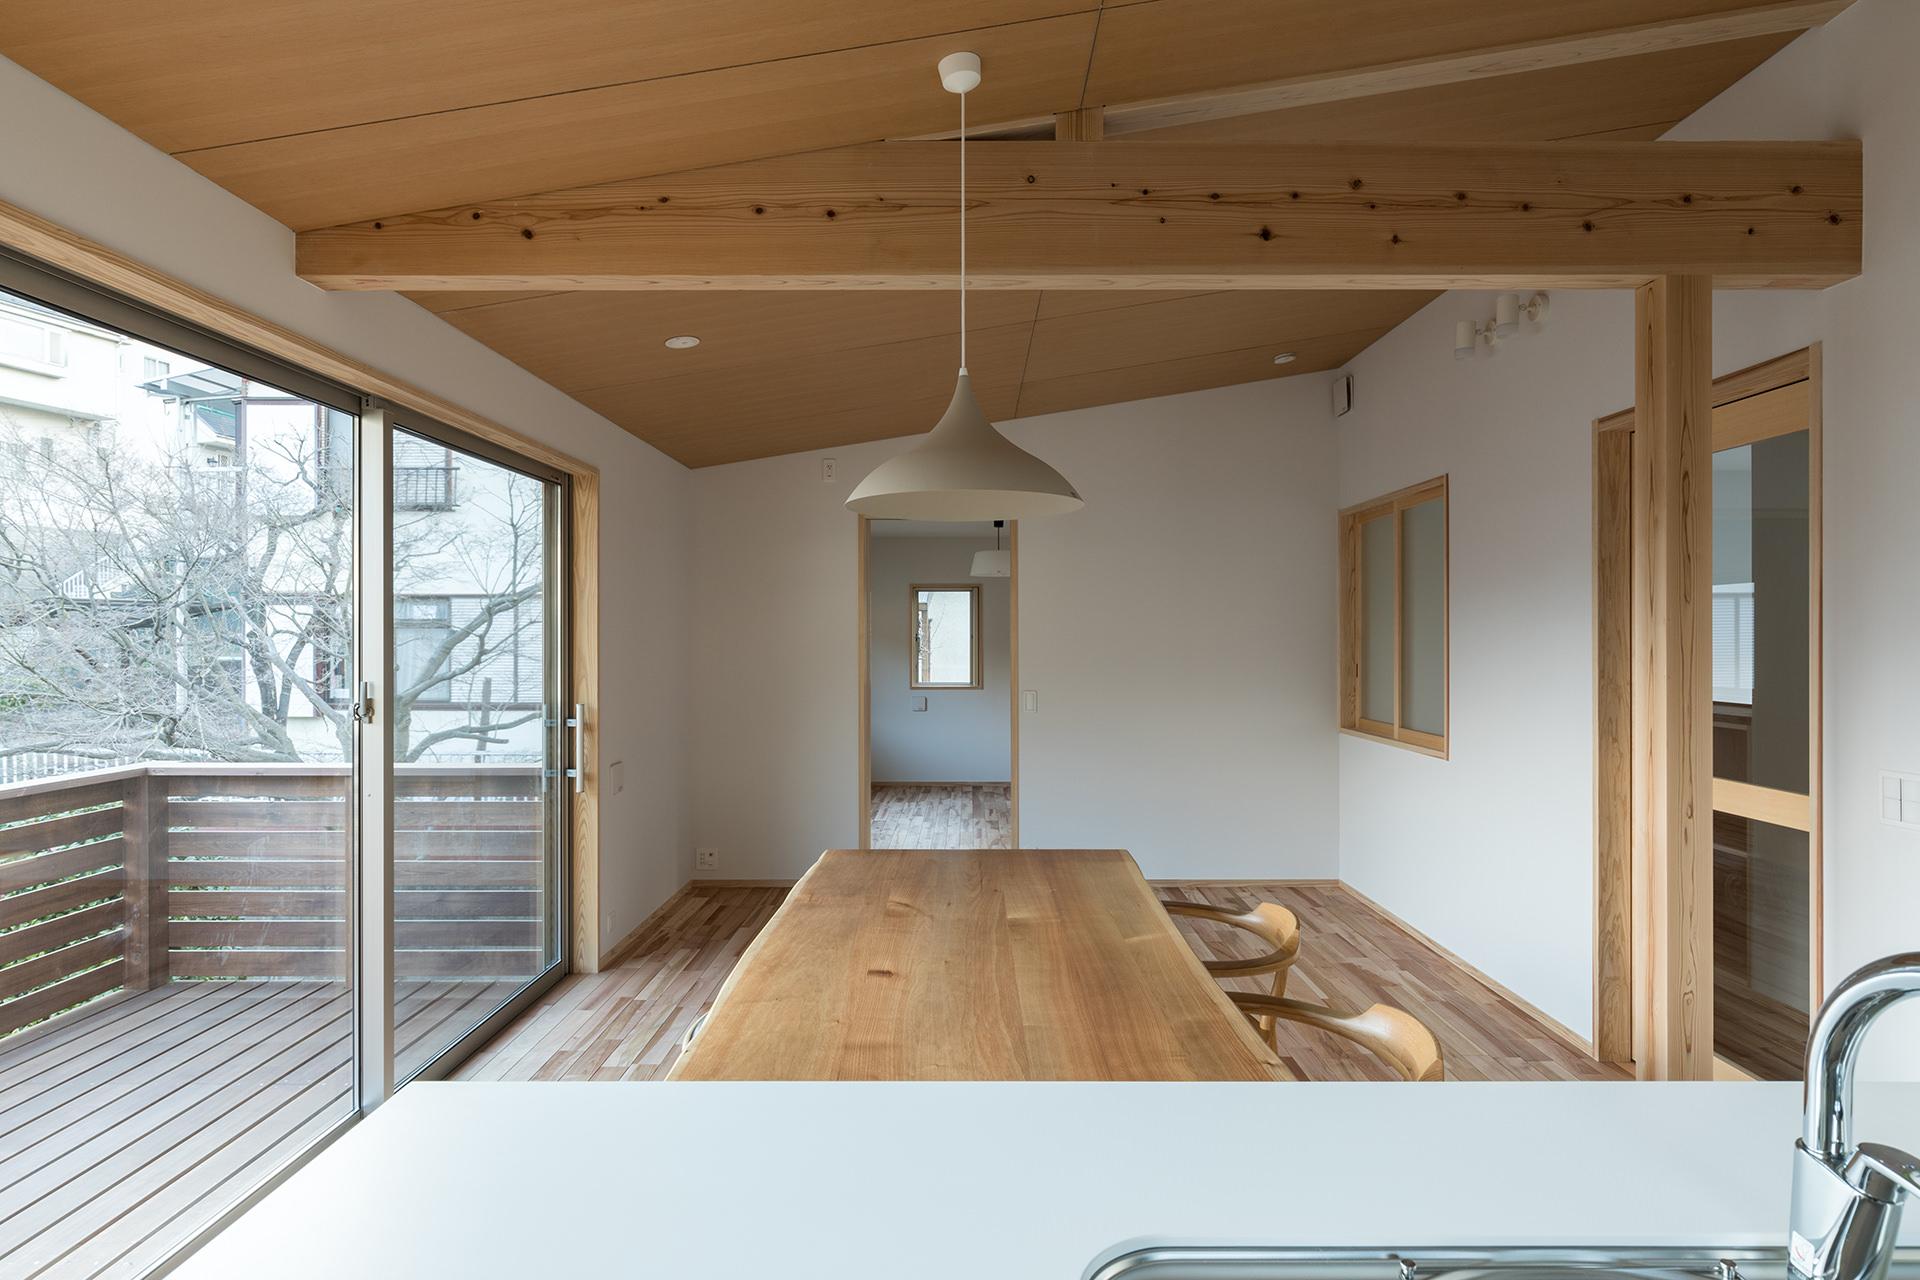 中山の家 イメージ4 撮影:東涌宏和